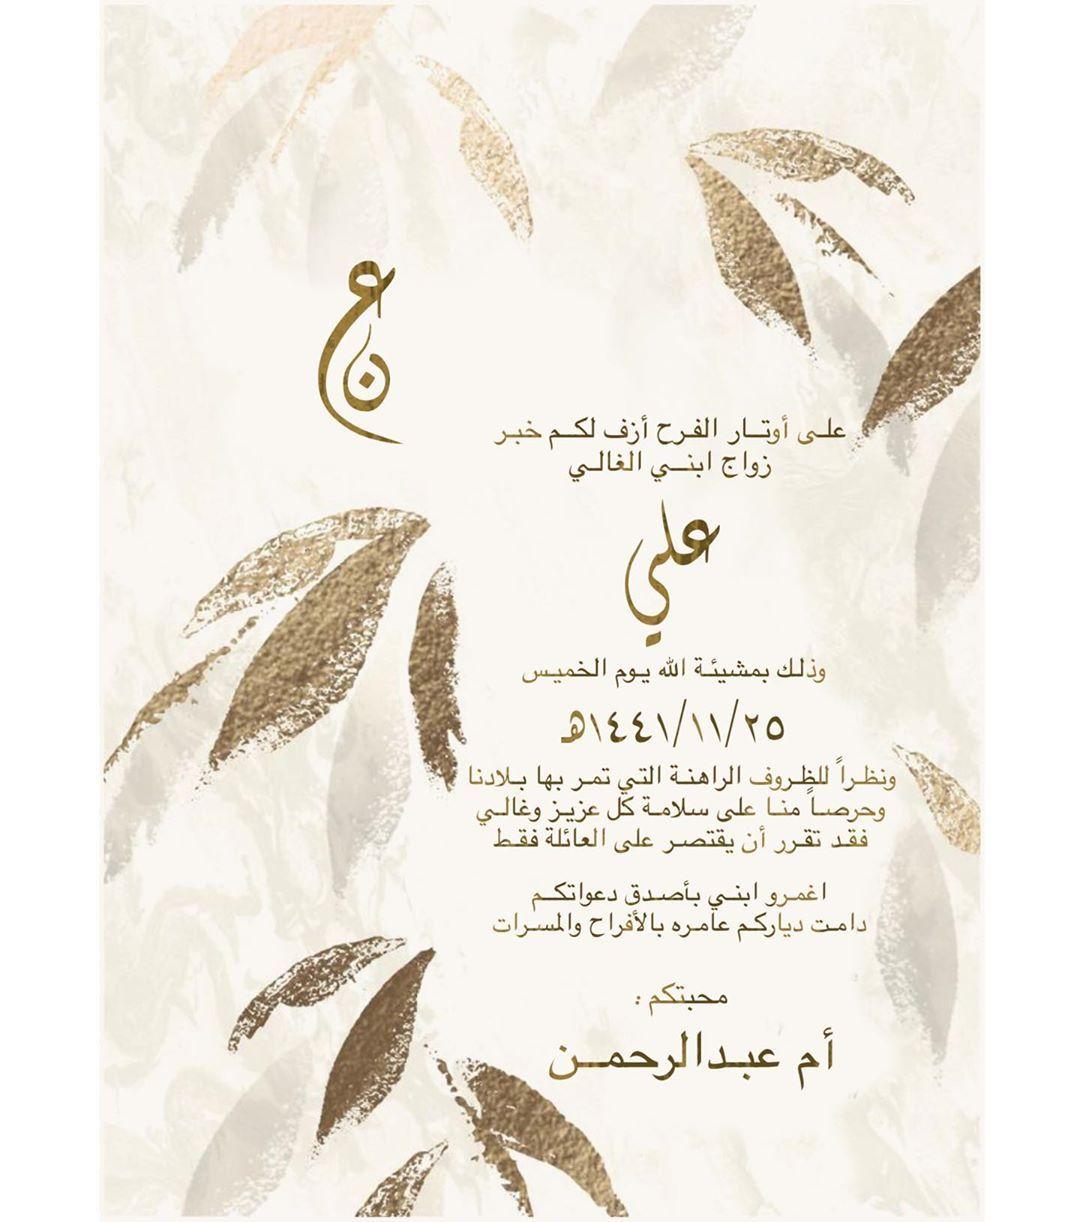 دعوات آلكترونيه On Instagram اعلان زواج إشهار زواج بـ ٣٠ للطلب ٠٥٥١٨٠٩٤١٩ Simple Wedding Invitation Card Wedding Backdrop Design Wedding Frames